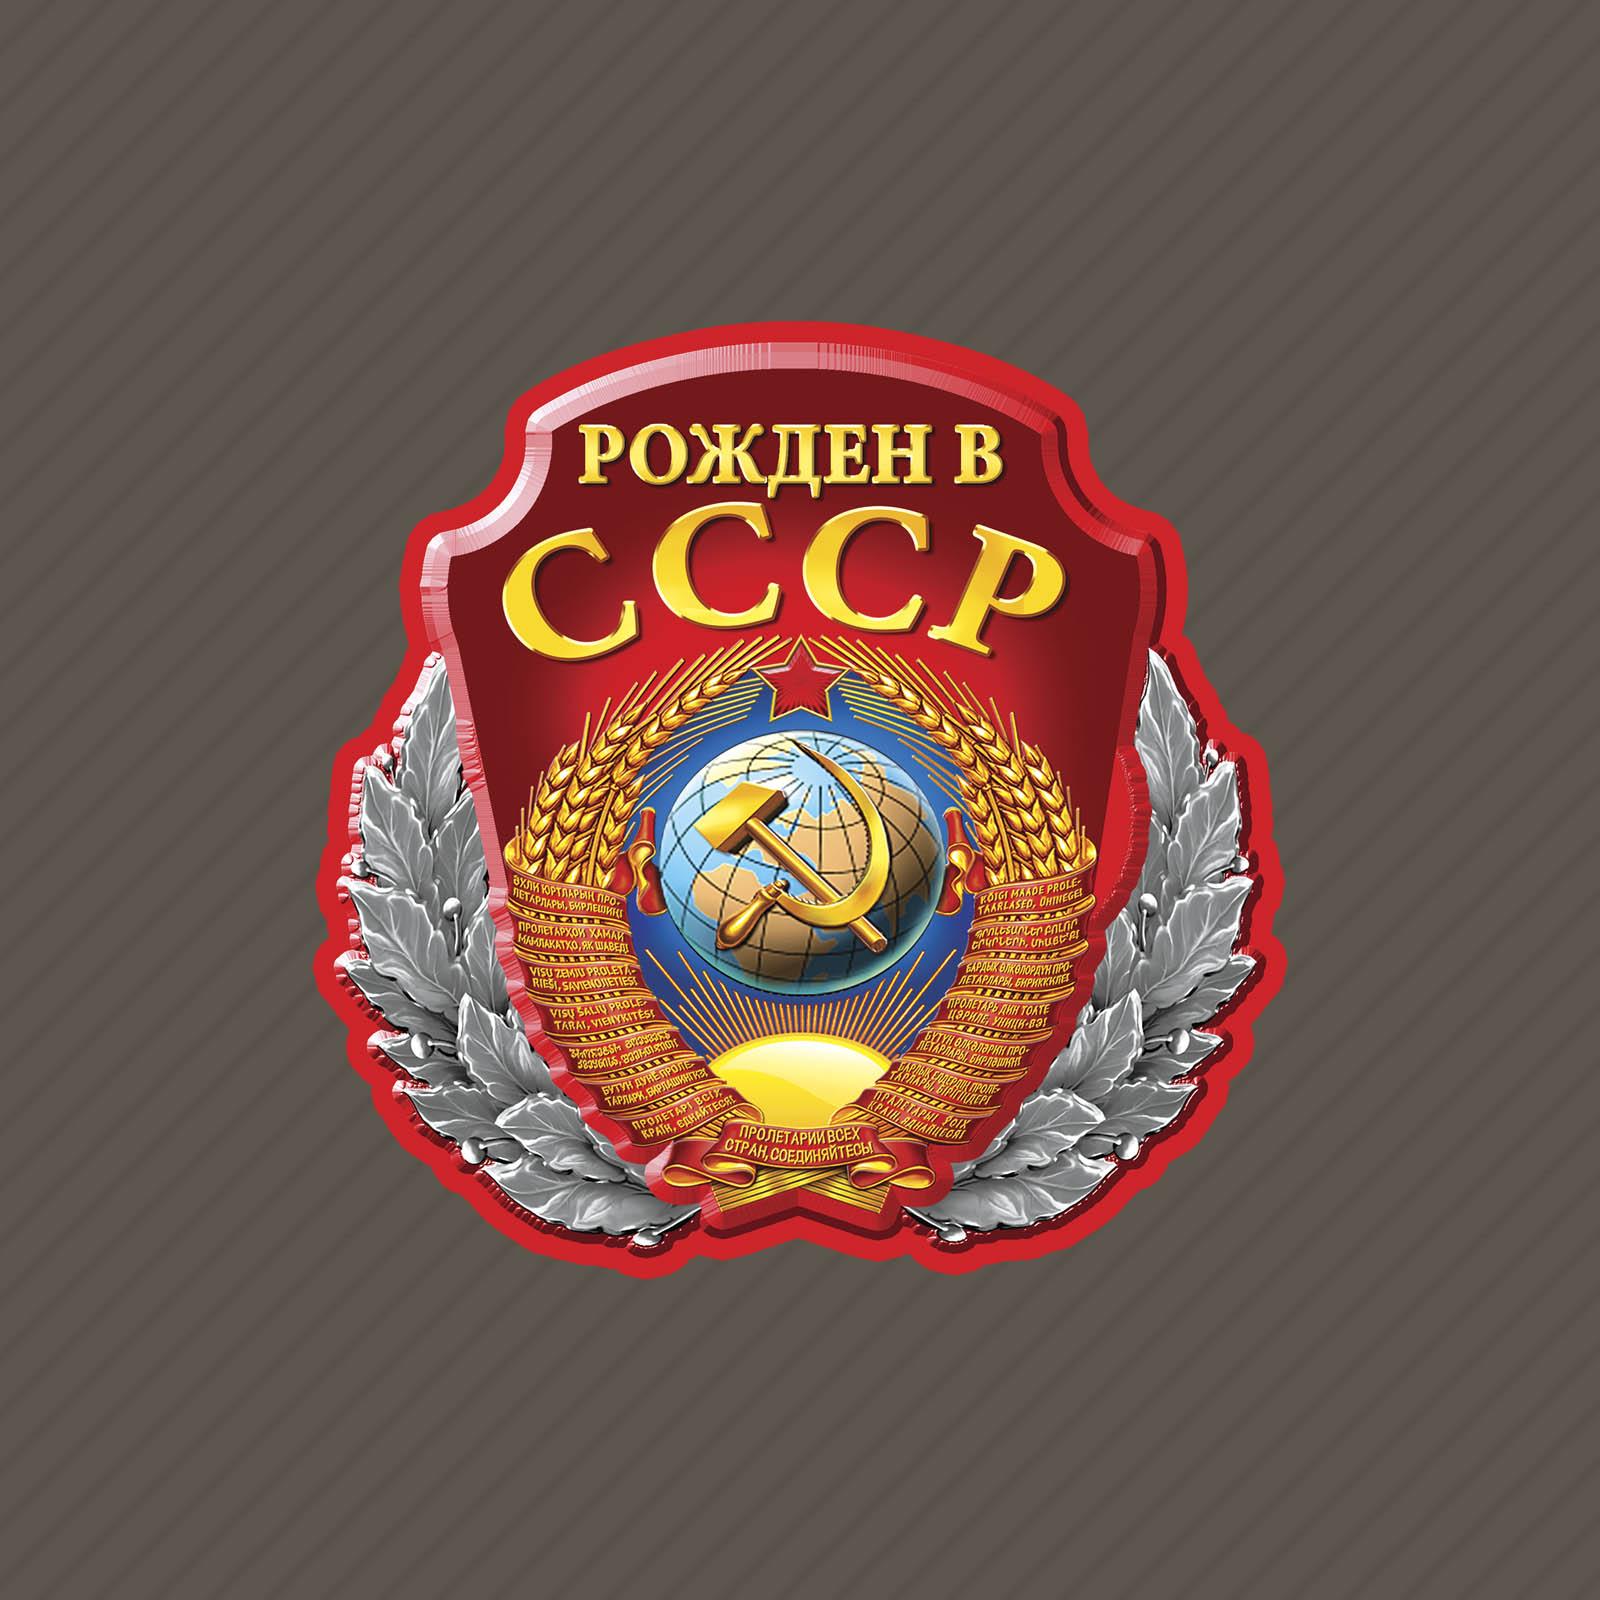 Топовая бейсболка для рожденных в СССР купить самовывозом или с доставкой